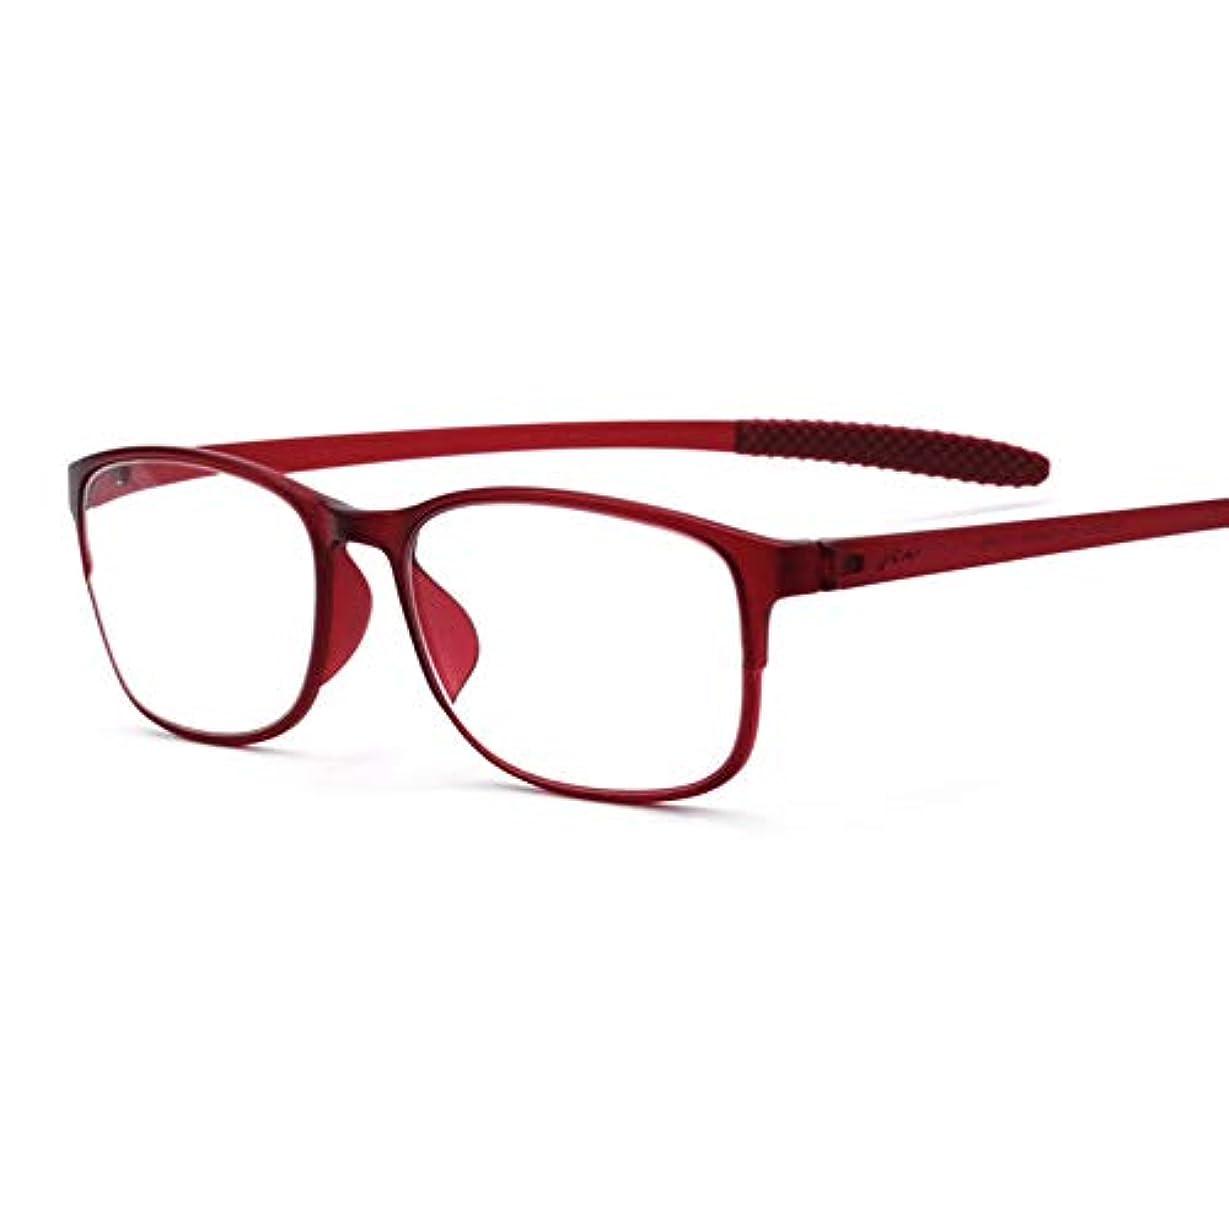 師匠晩ごはん慎重にアンチブルーライト老眼鏡、スタイリッシュな超軽量遠視老眼鏡、男性と女性用